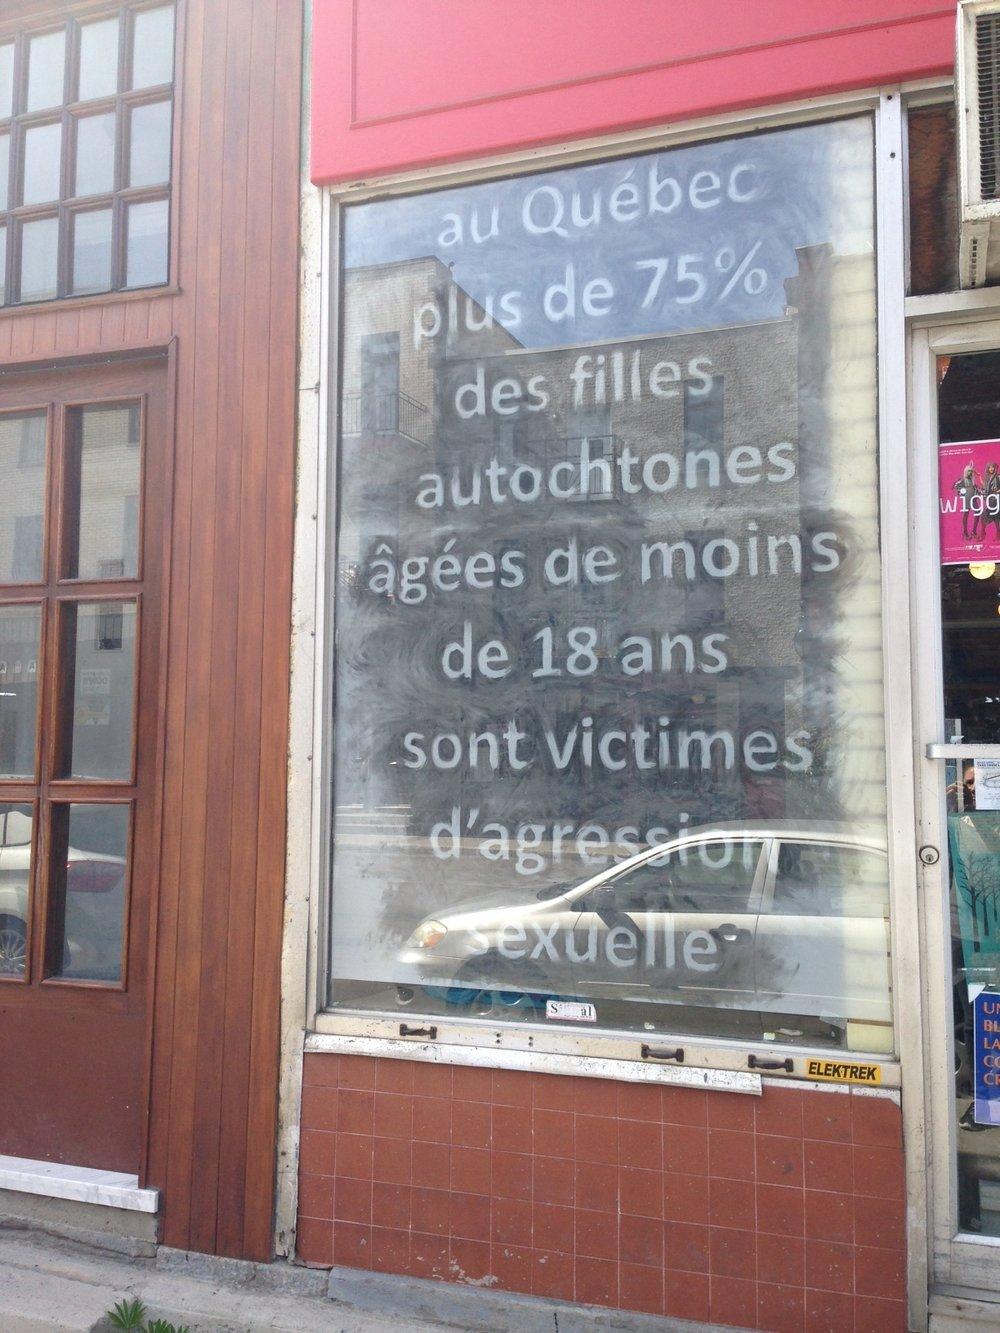 je me souviens week 2: OUTREMONT Le texte pour l'œuvre présentée ici est tiré du rapport :À la recherche des femmes autochtones du Québec, Conseil du statut de la femme, Gouvernement du Québec. Sept 2016. p.38